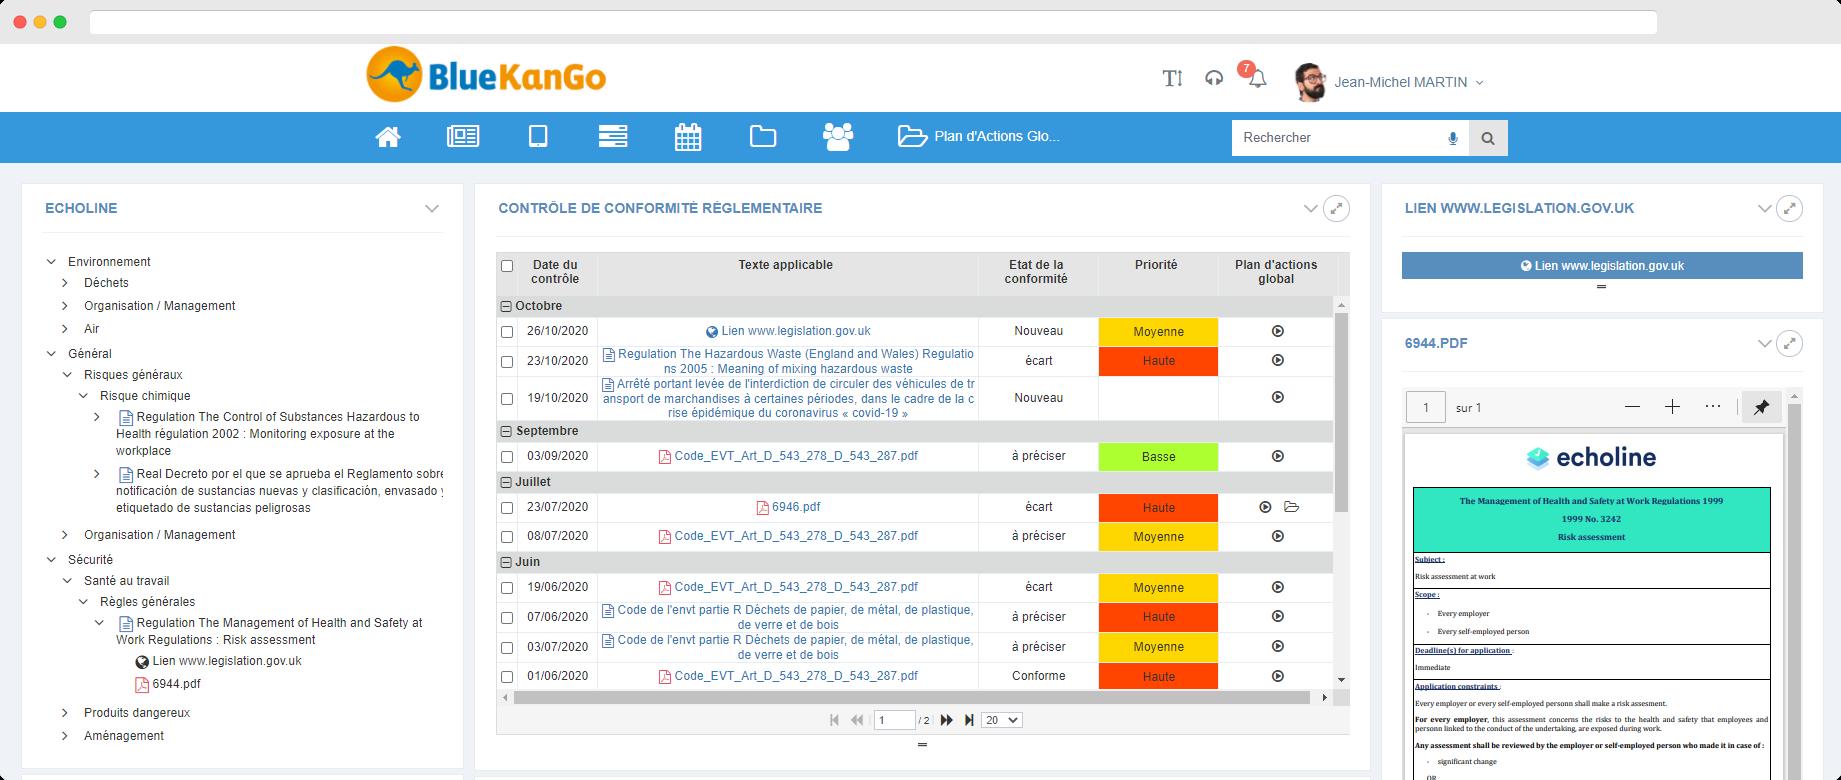 Capture d'écran de la plateforme BlueKanGo concernant la veille Echoline